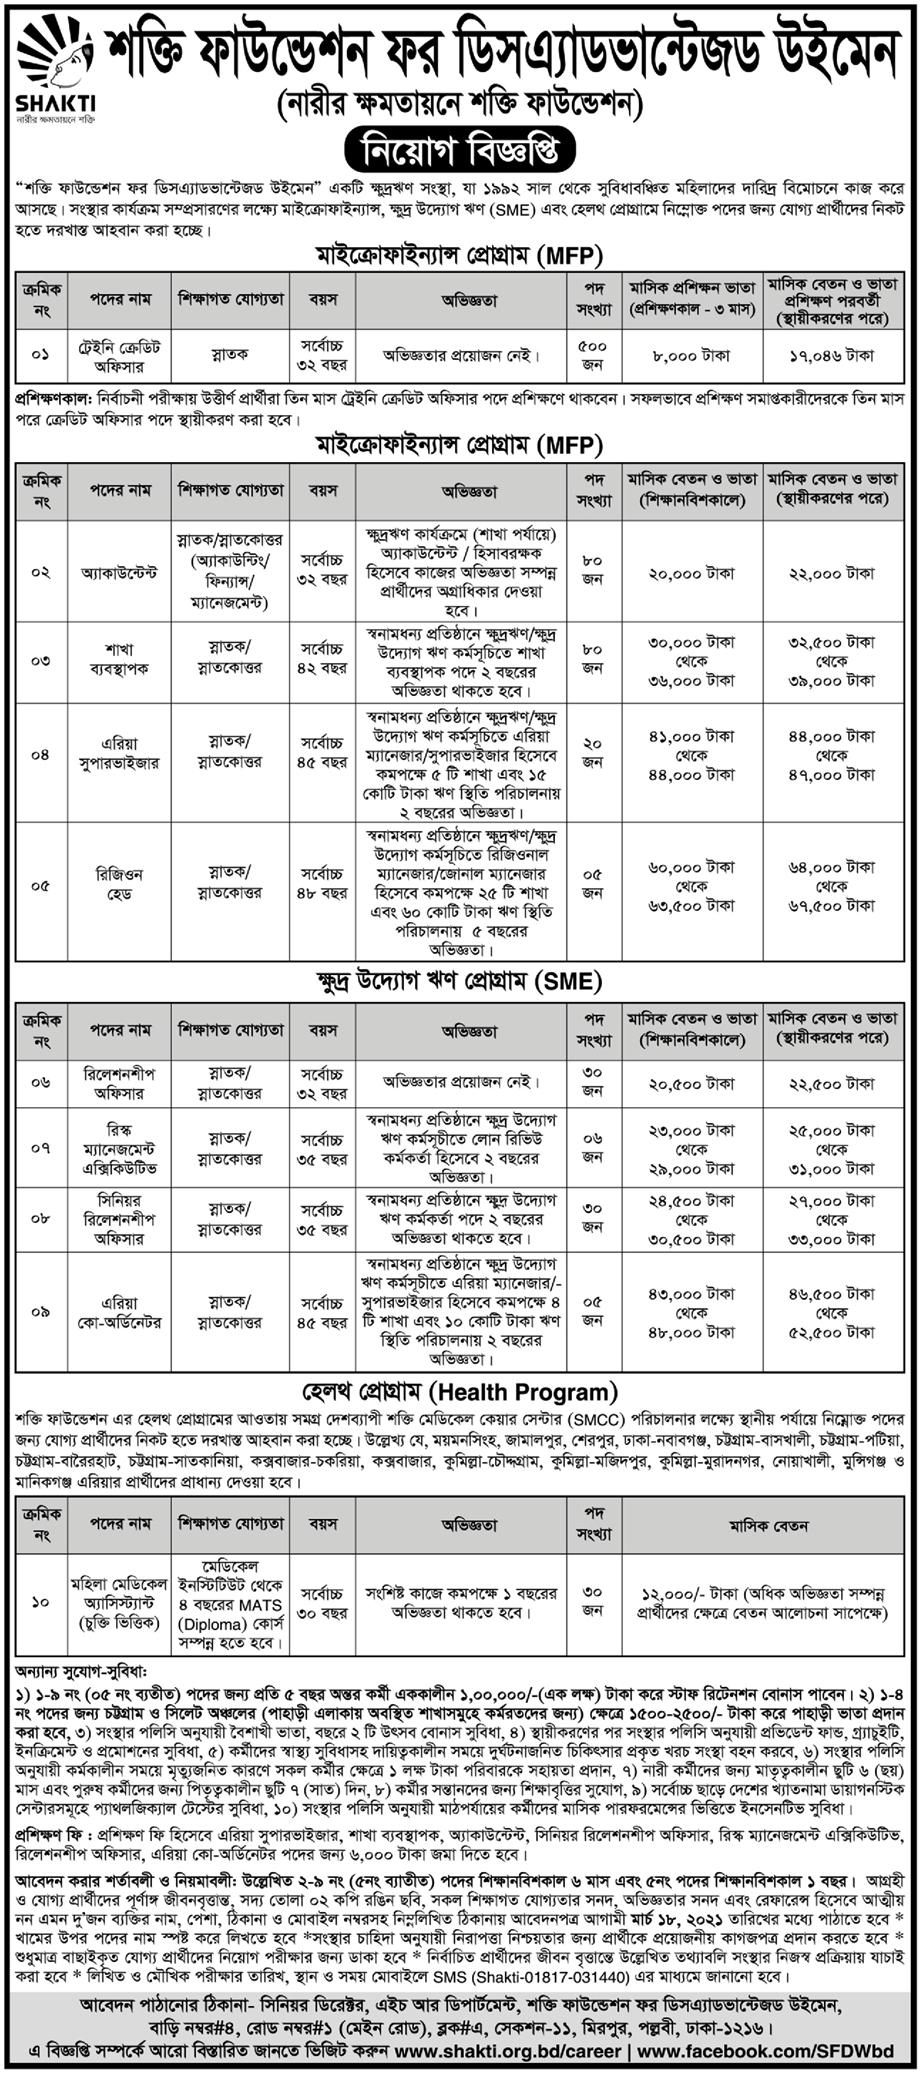 Shakti Foundation NGO job circular 2021